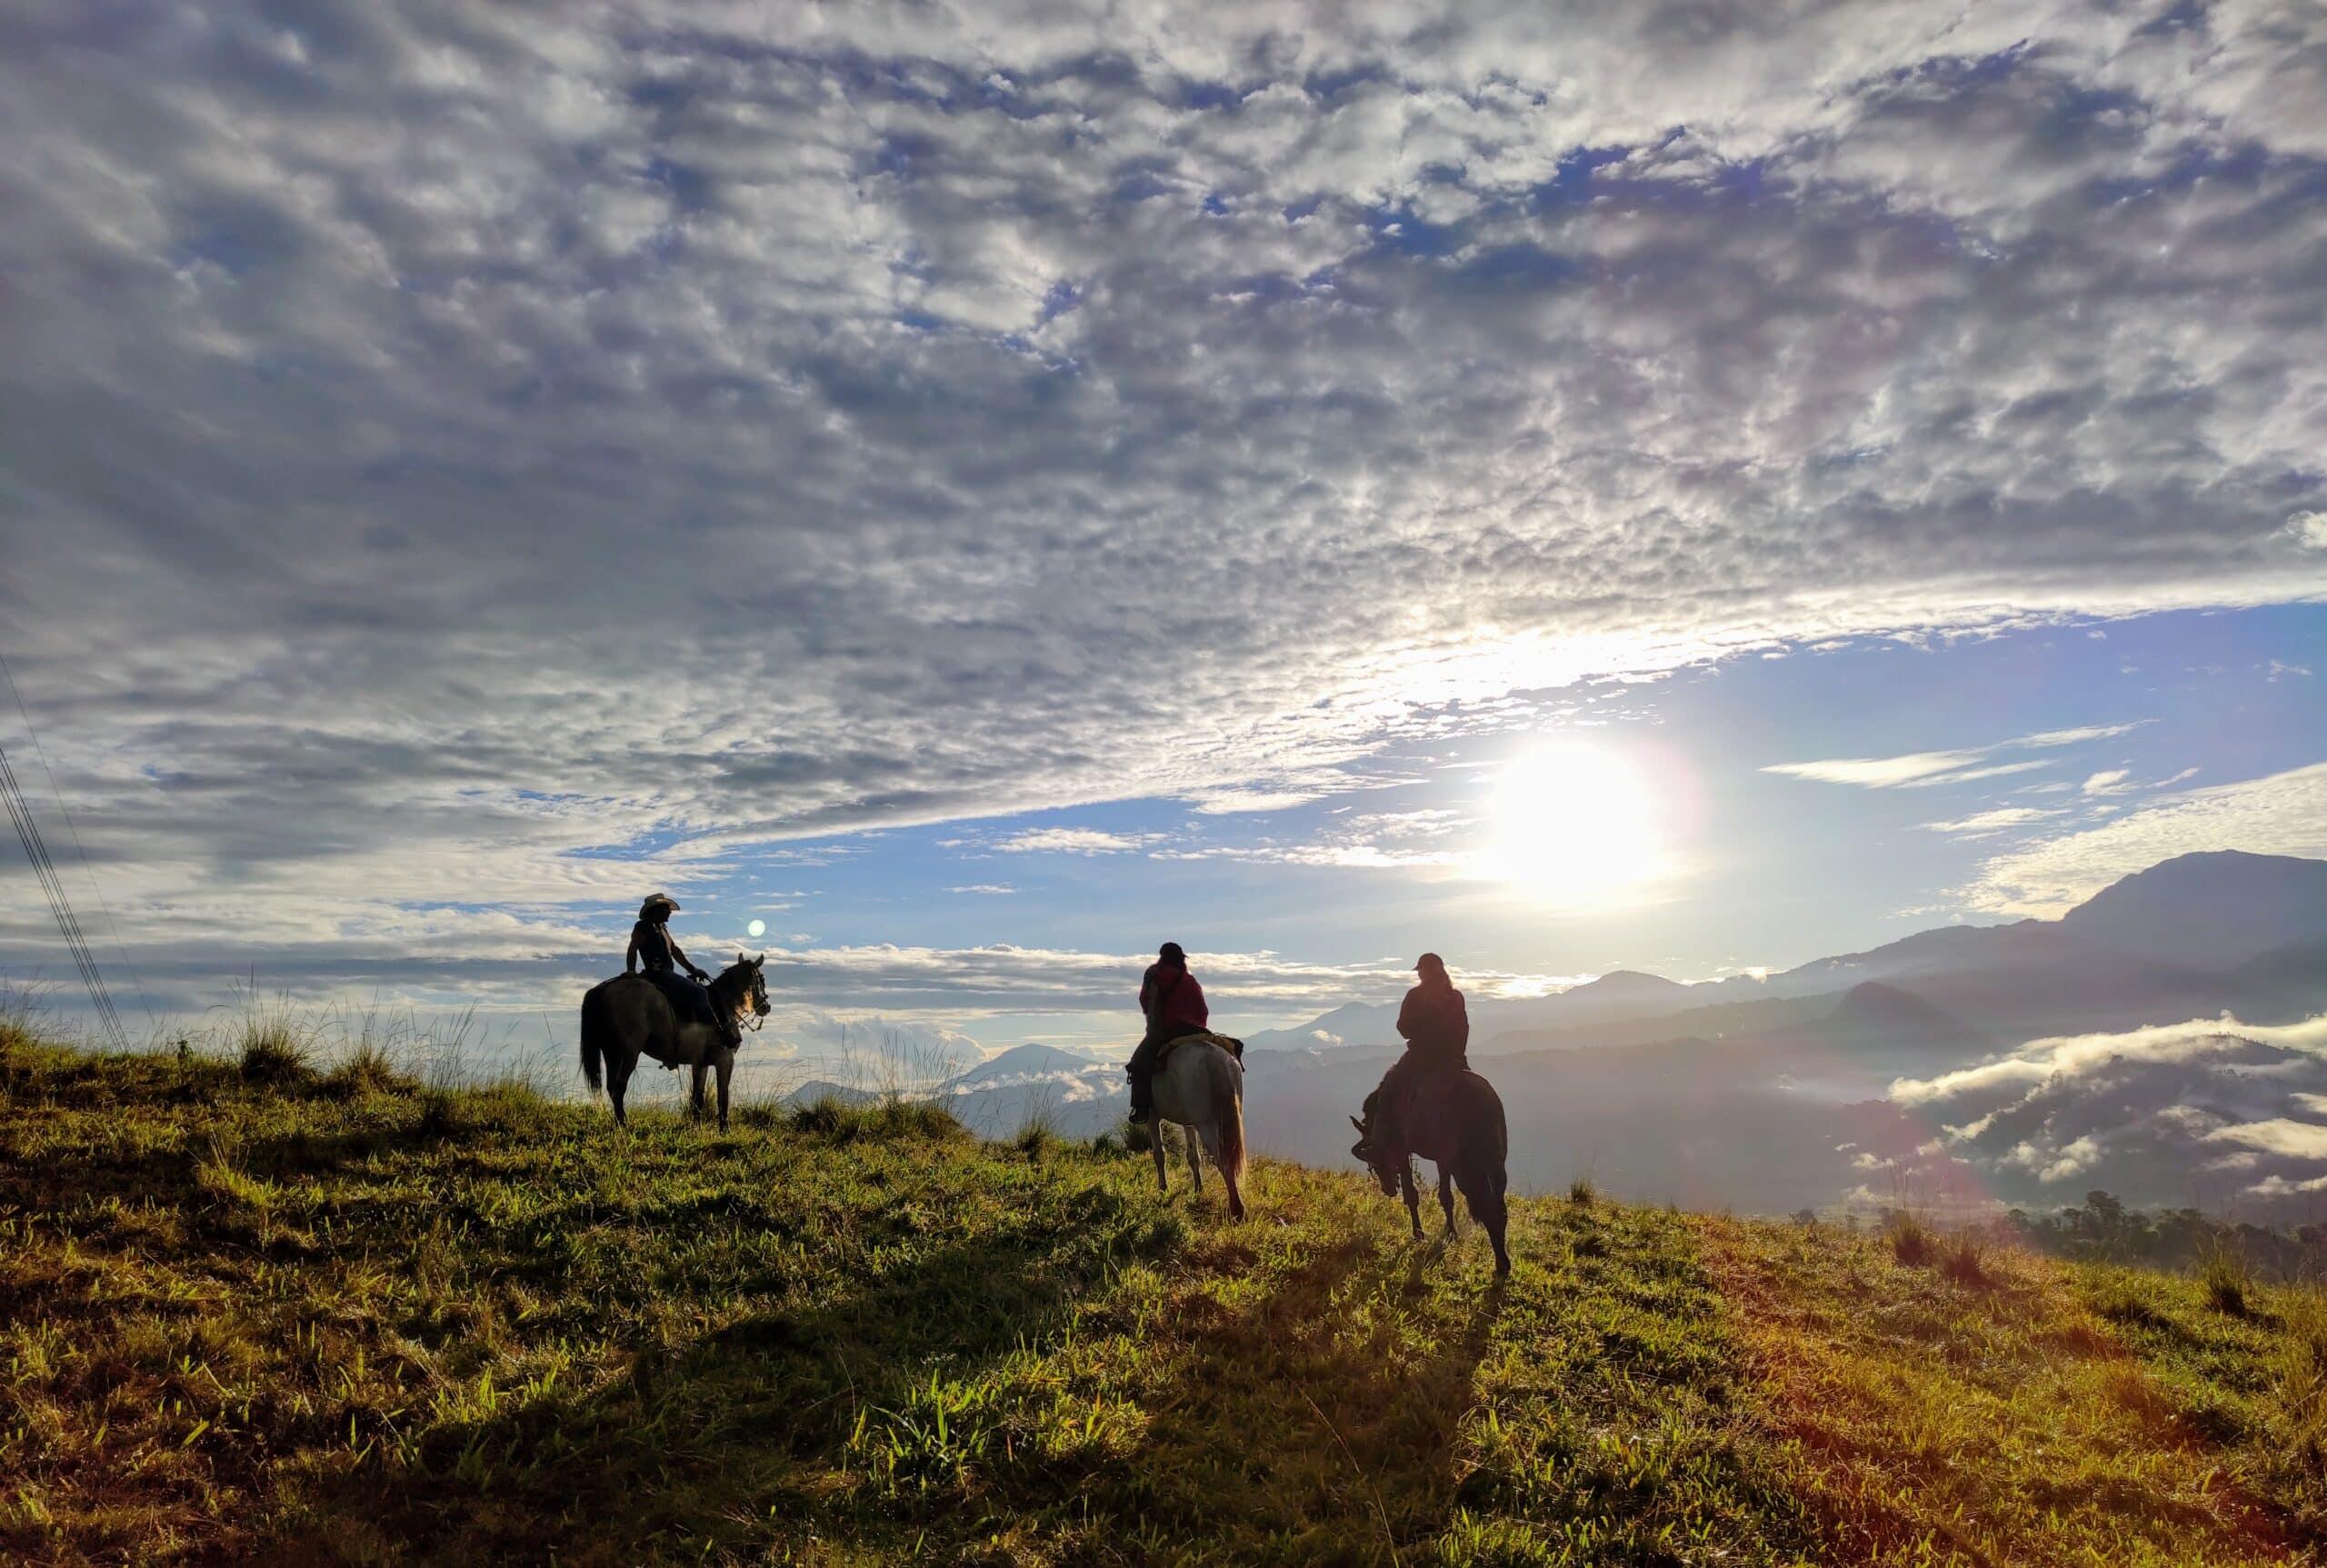 Amanecer desde el Lomo de un Caballo, San Francisco de Borja, Provincia de Napo| ©Jacqueline Granda